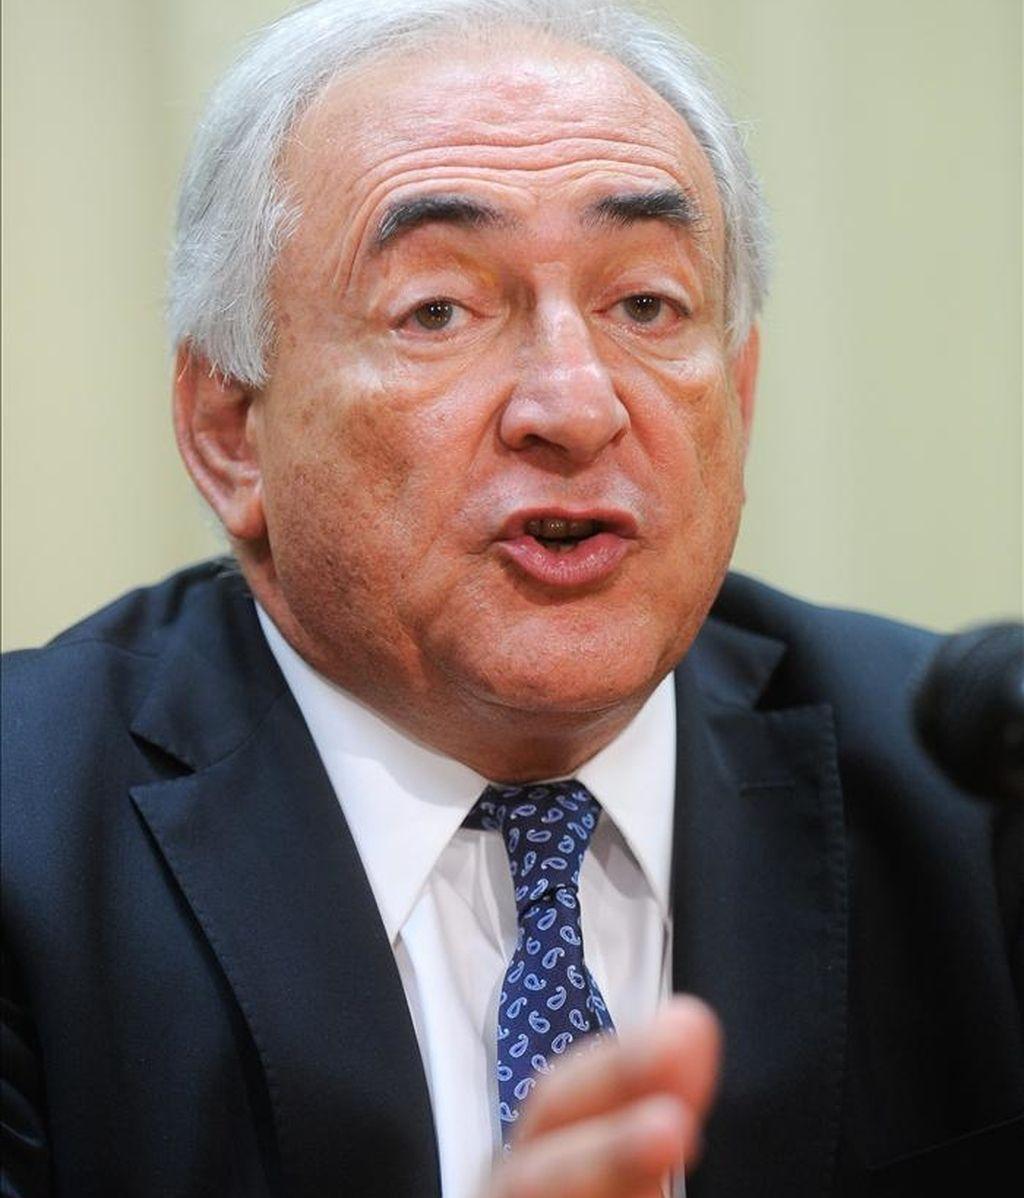 """""""El crecimiento en las economías avanzadas, epicentro de la crisis financiera, es todavía demasiado bajo y el desempleo muy alto"""", advirtió el titular del FMI, Dominique Strauss-Kahn. EFE/Archivo"""